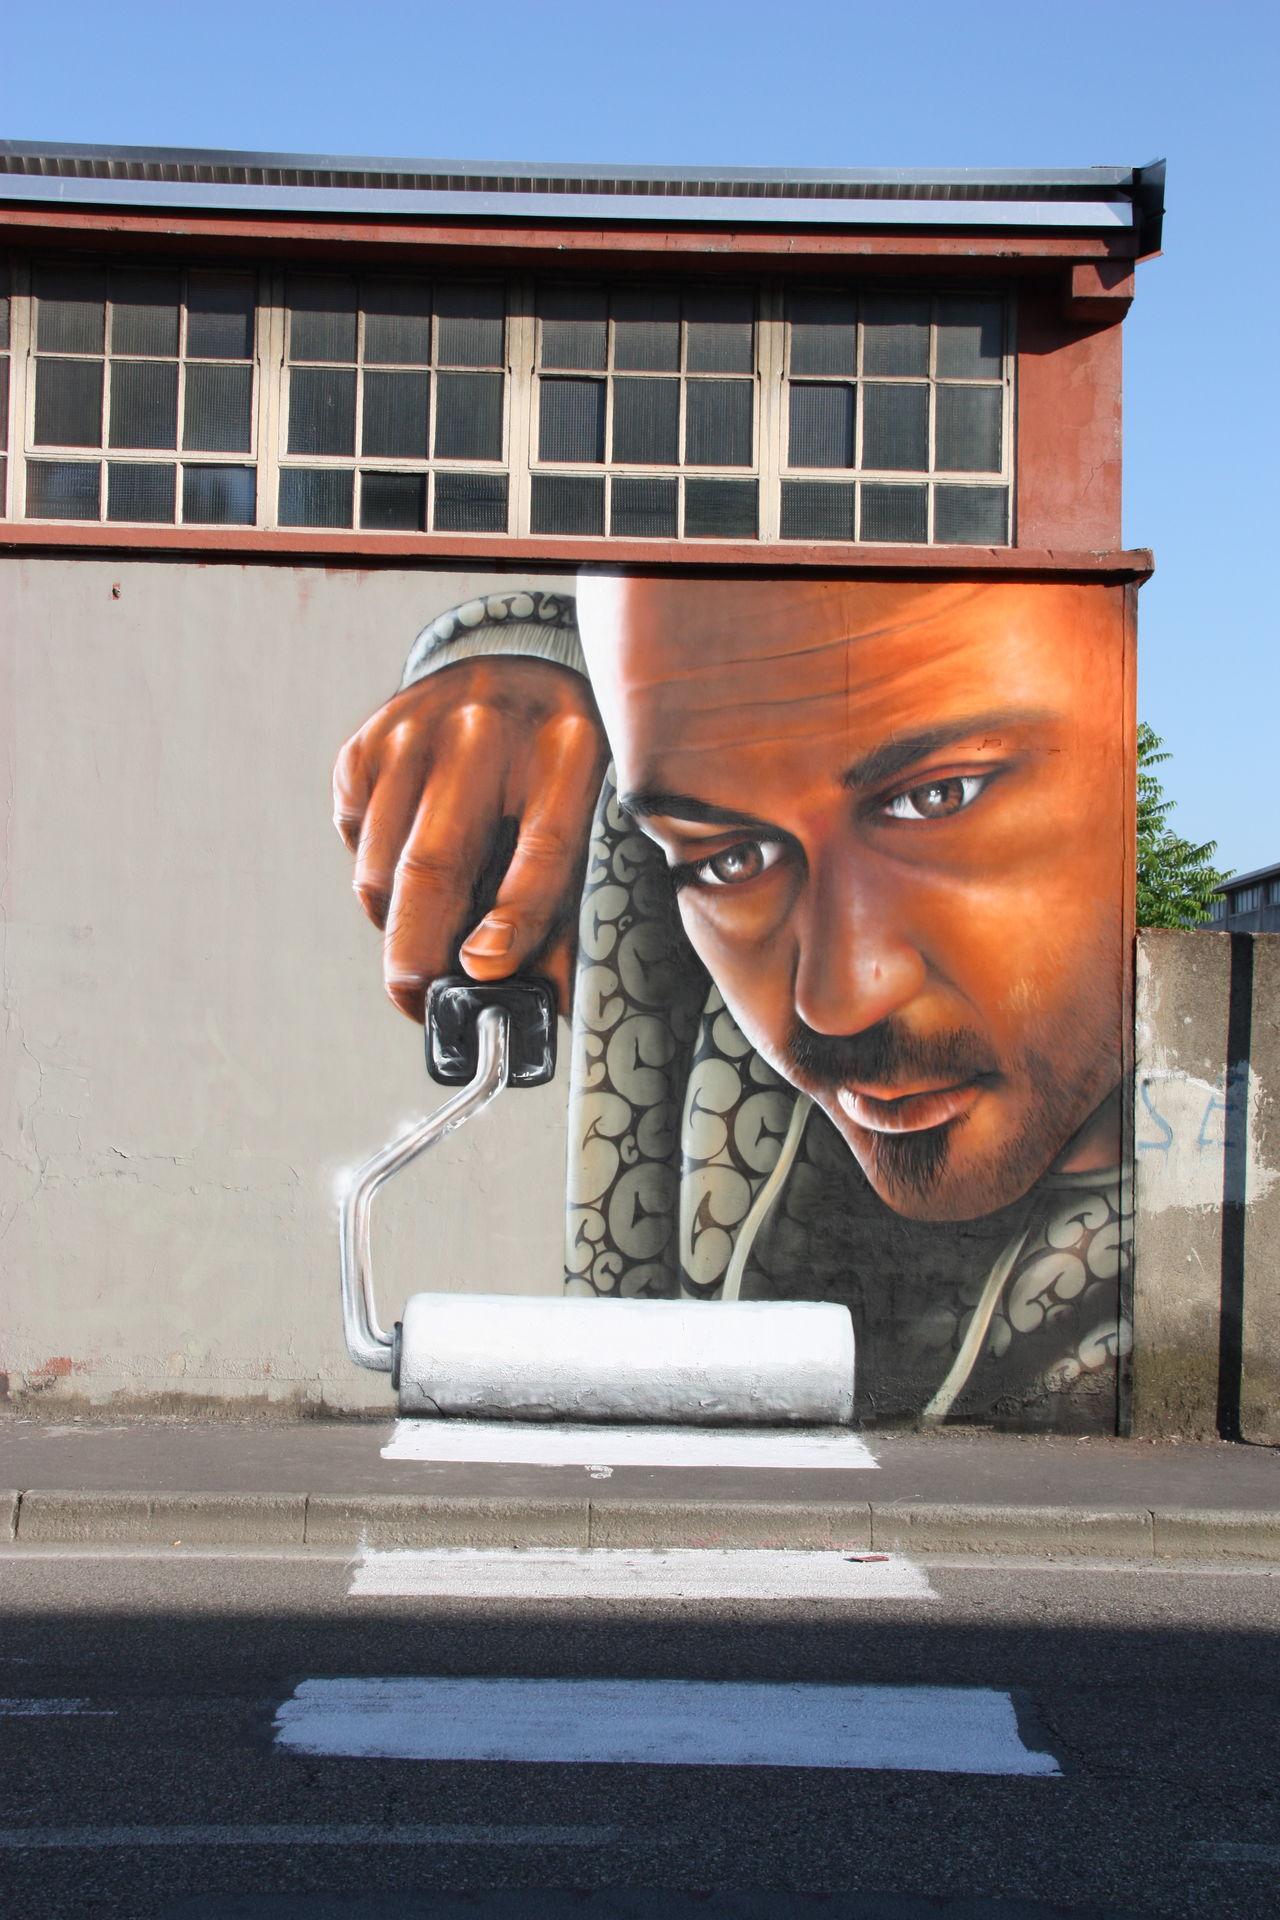 Street art/Graffiti Colors graffiti art murales muralesart outdoors RePicture Growth Showcase: December Street Art/Graffiti street photography